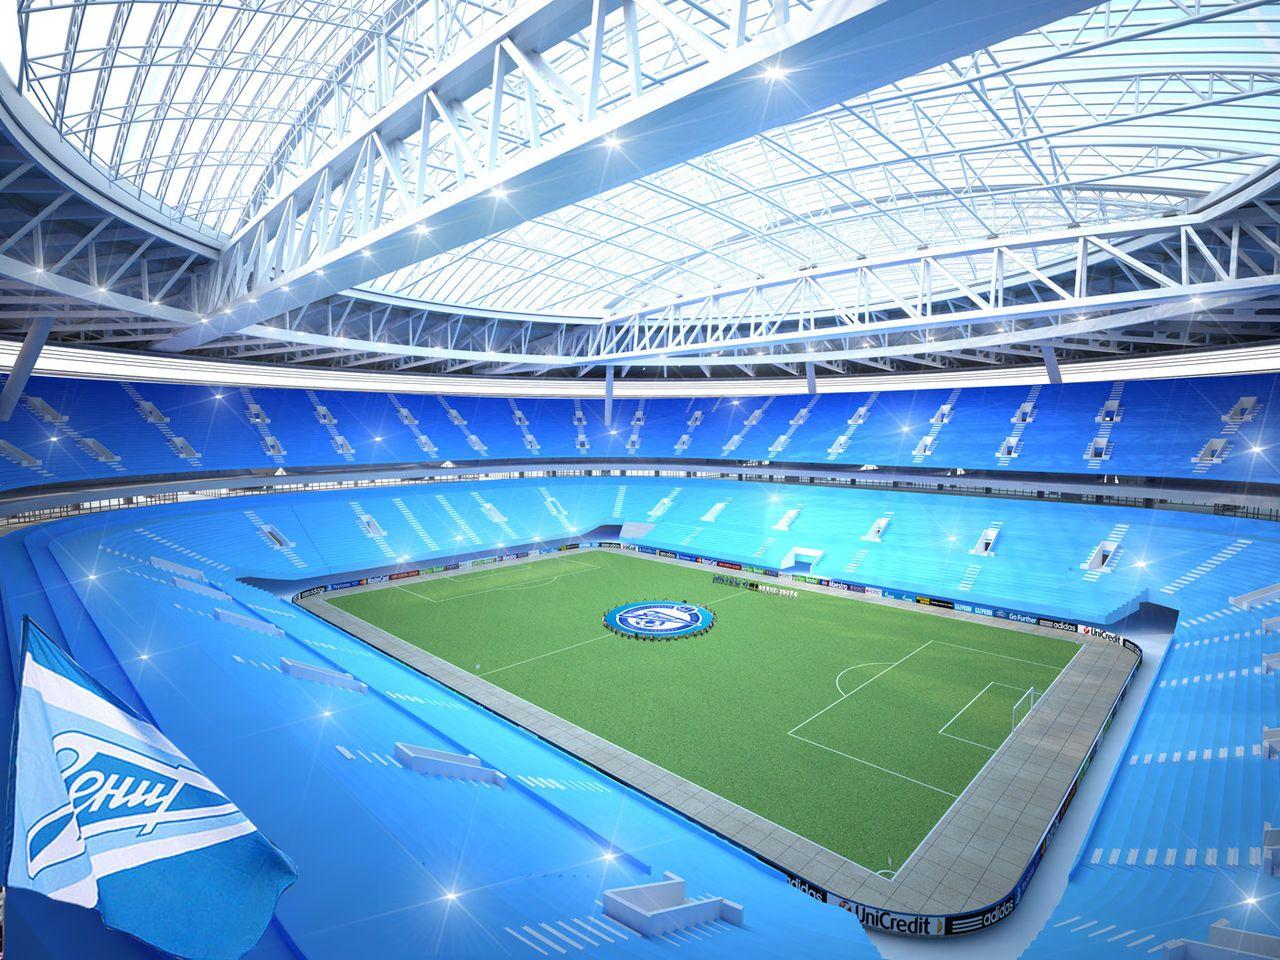 El estadio más caro del mundo se utilizará en el Mundial de Rusia 2018